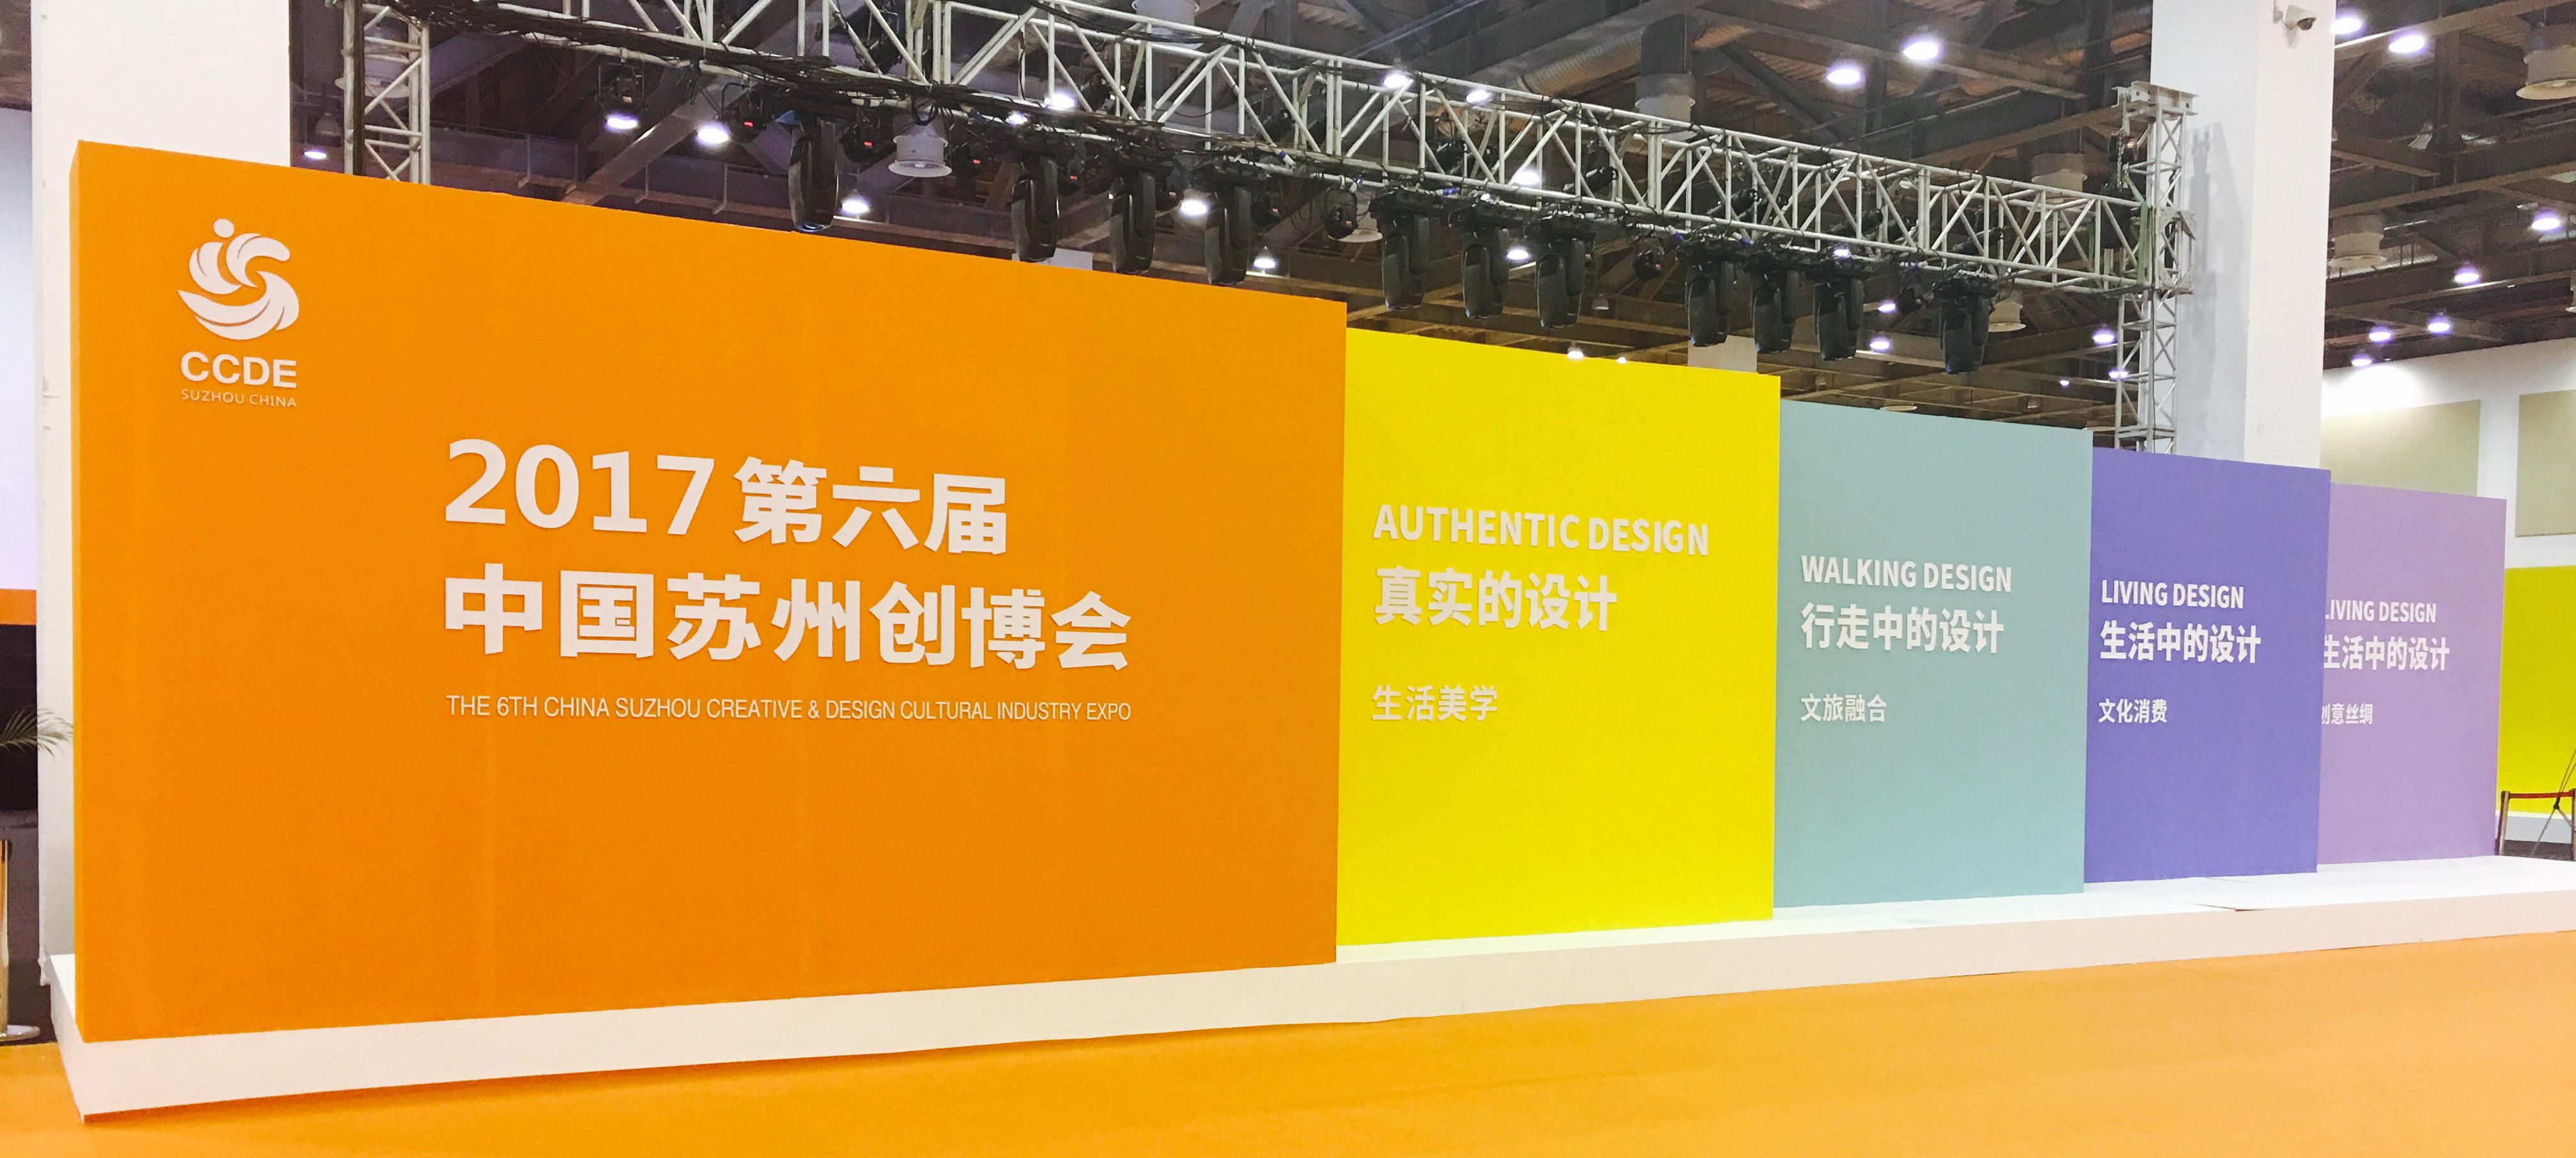 2017第六届中国苏州文化创意设计产业交易博览